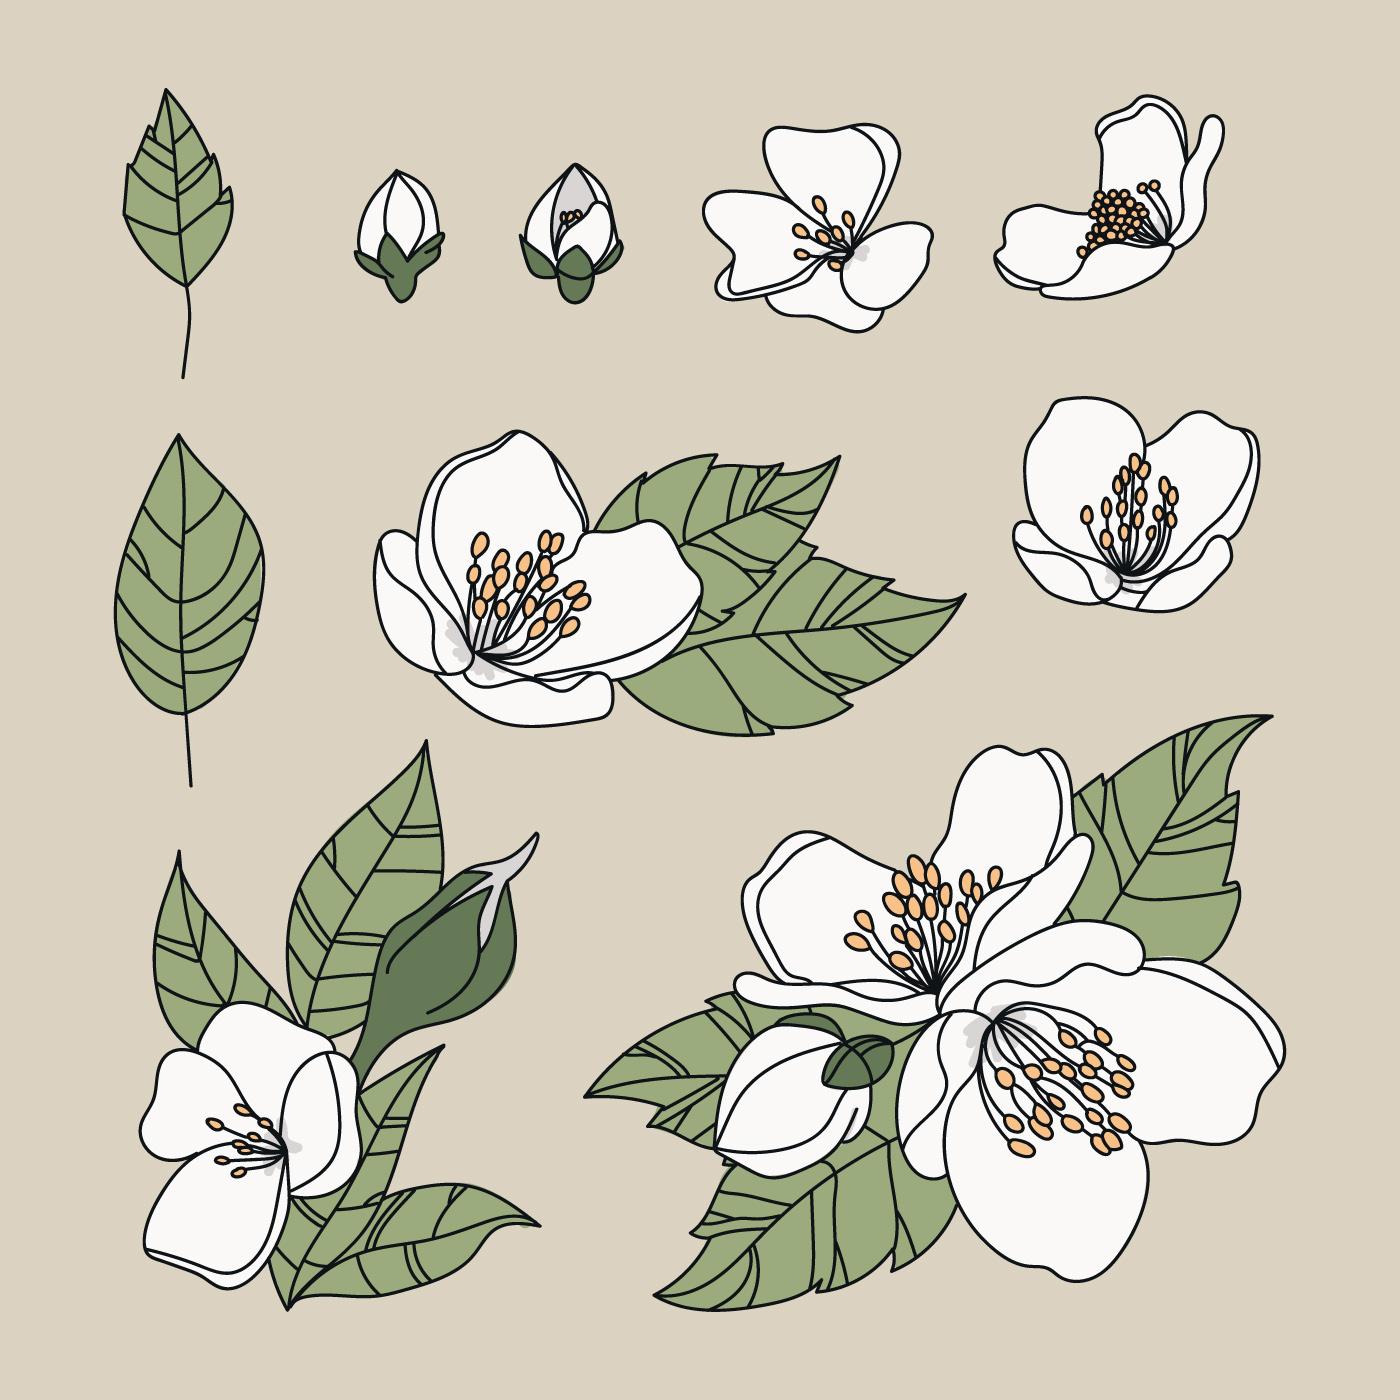 Doodled Jasmine Flowers - Download Free Vectors, Clipart ...